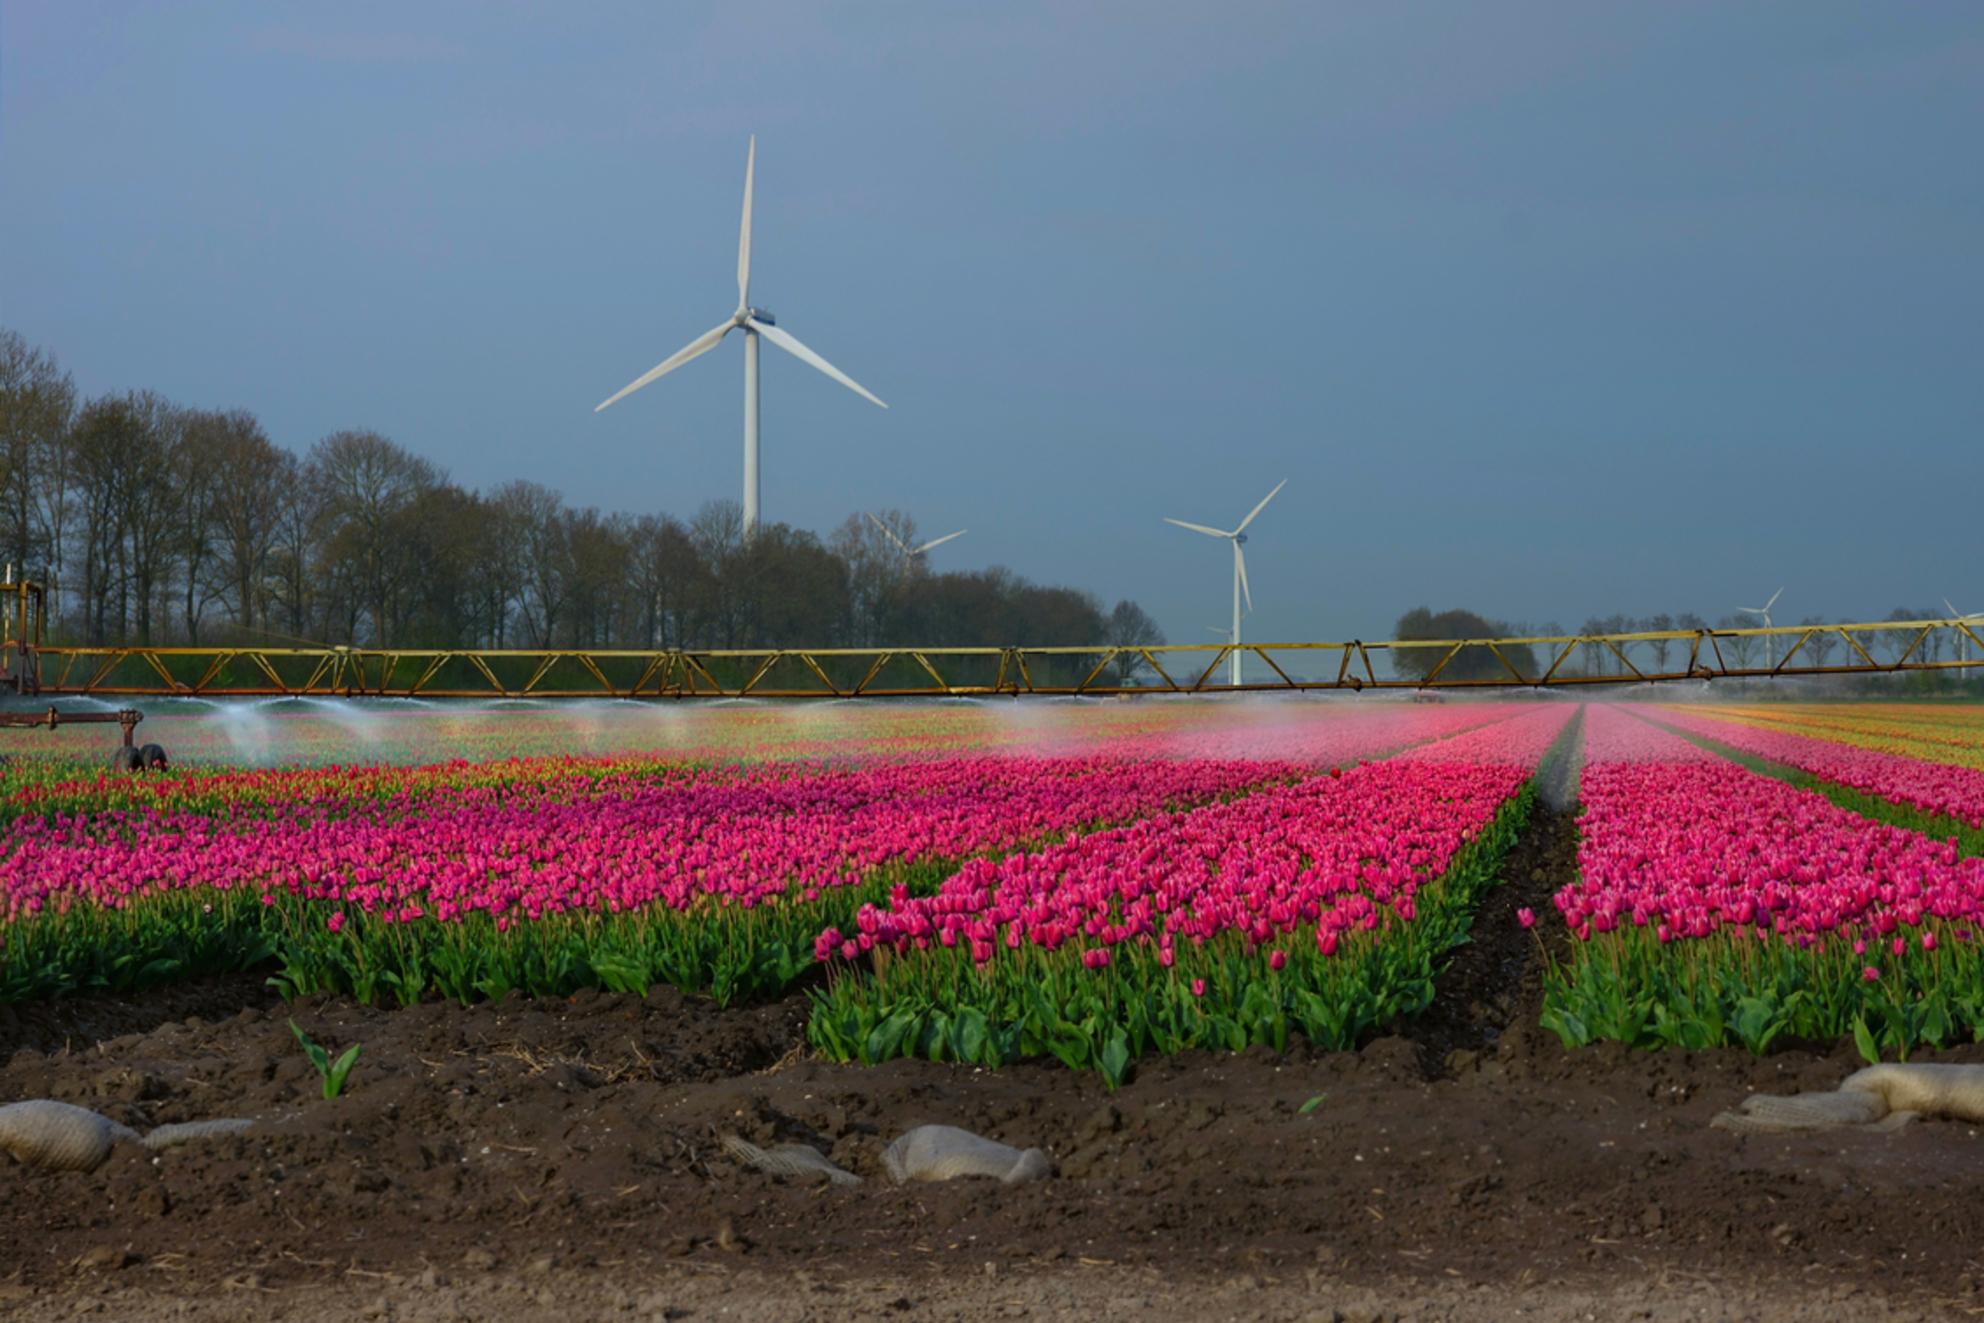 Tulpenvelden worden besproeid - Omdat inmiddels de meeste tulpenvelden helaas alweer gekopt zijn, nog even een terug blik op één van de vele mooie velden. Wat was het genieten, maar - foto door Valeries-Photography op 03-05-2019 - deze foto bevat: lucht, water, tulpen, lente, natuur, landschap, bomen, nederland, molens, polder, tulpenveld, april, swifterbant, 2019, tulenroute